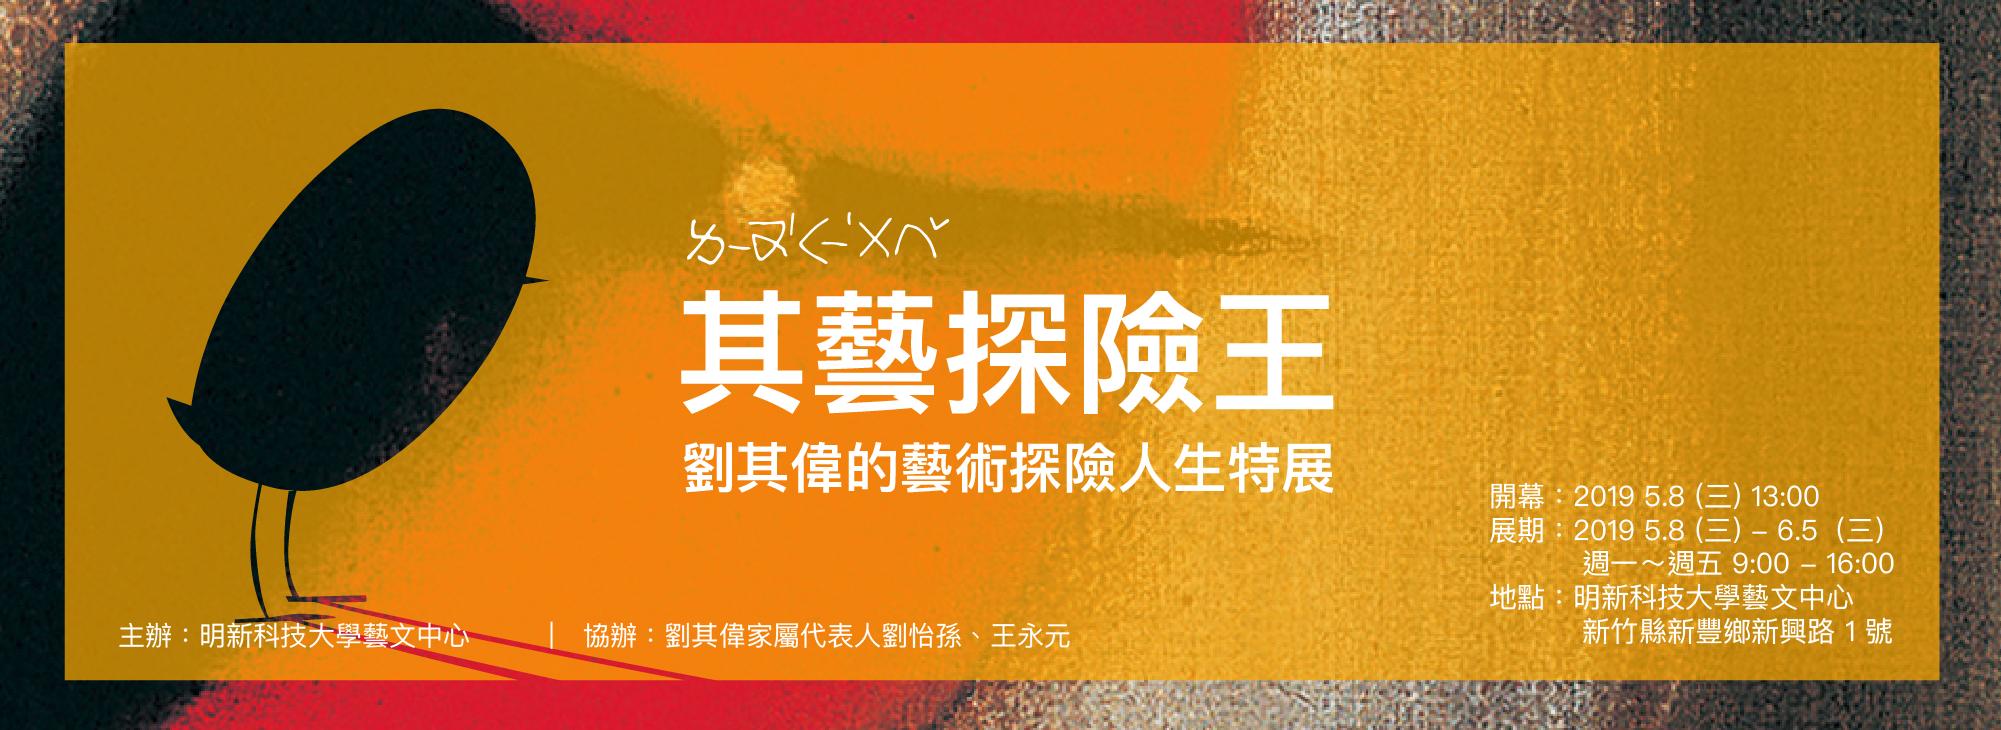 20190605 藝文中心 【其藝探險王】-劉其偉的藝術探險人生特展